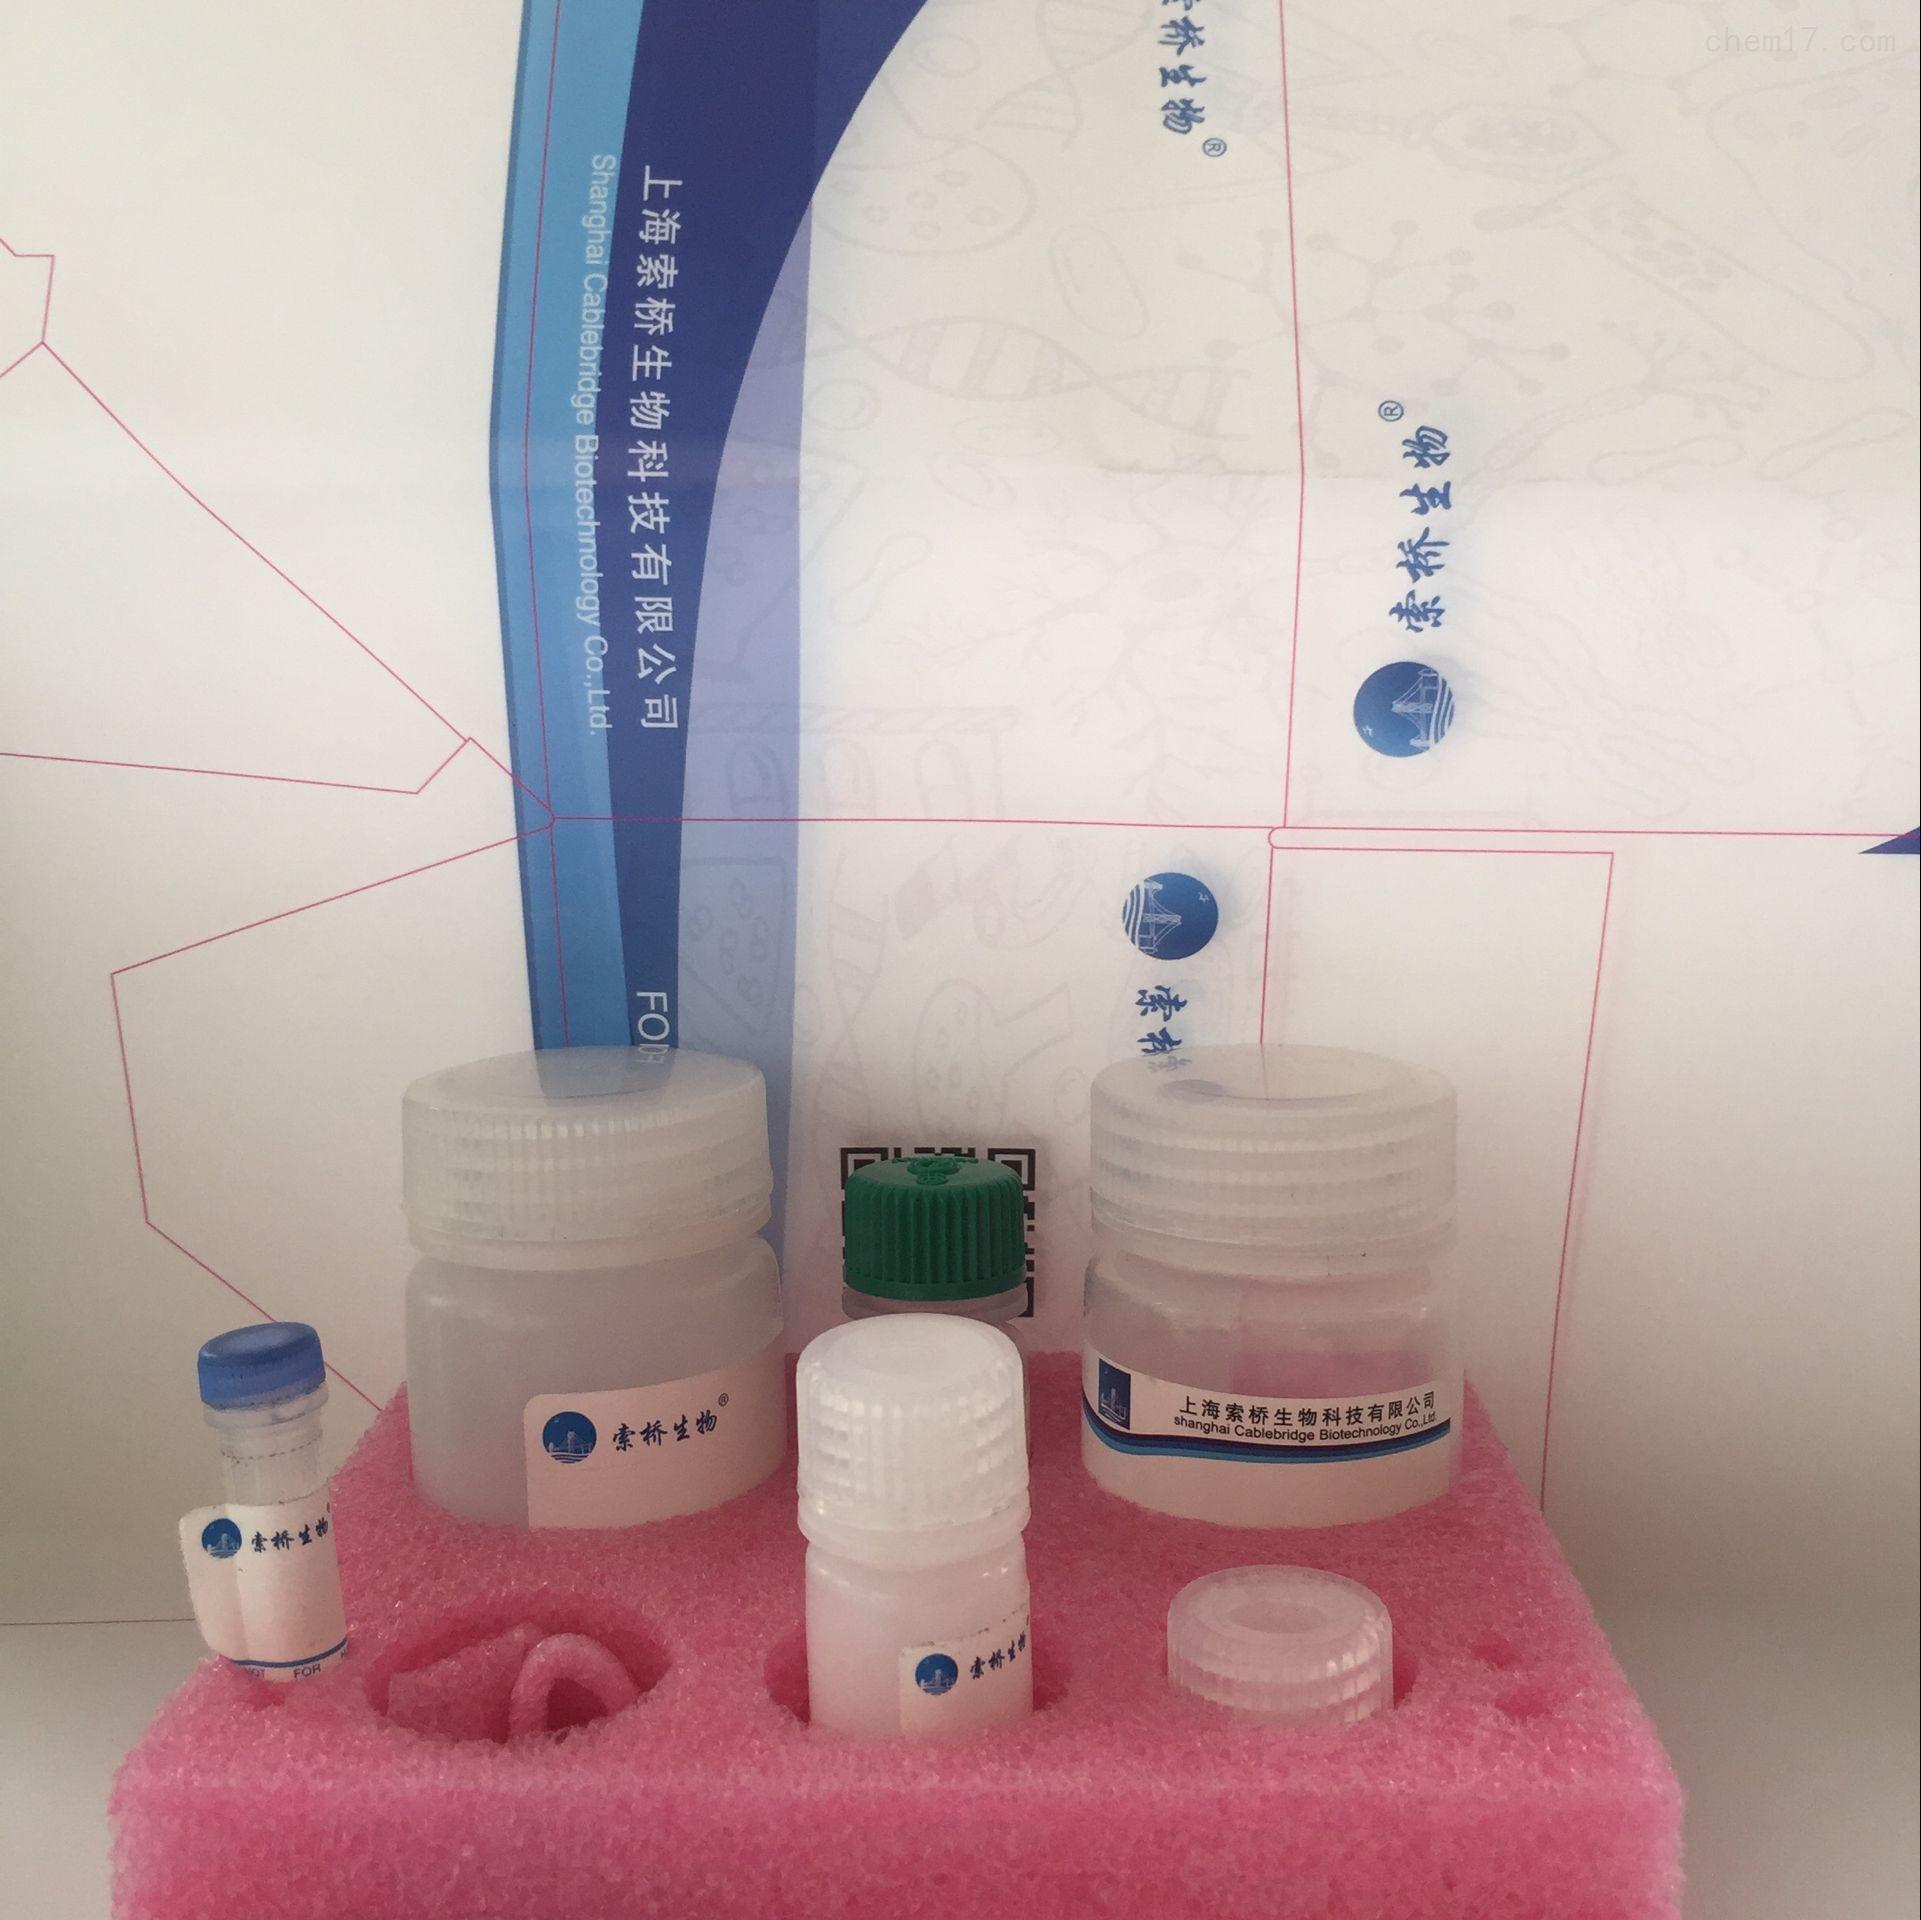 BCA蛋白法含量测试盒